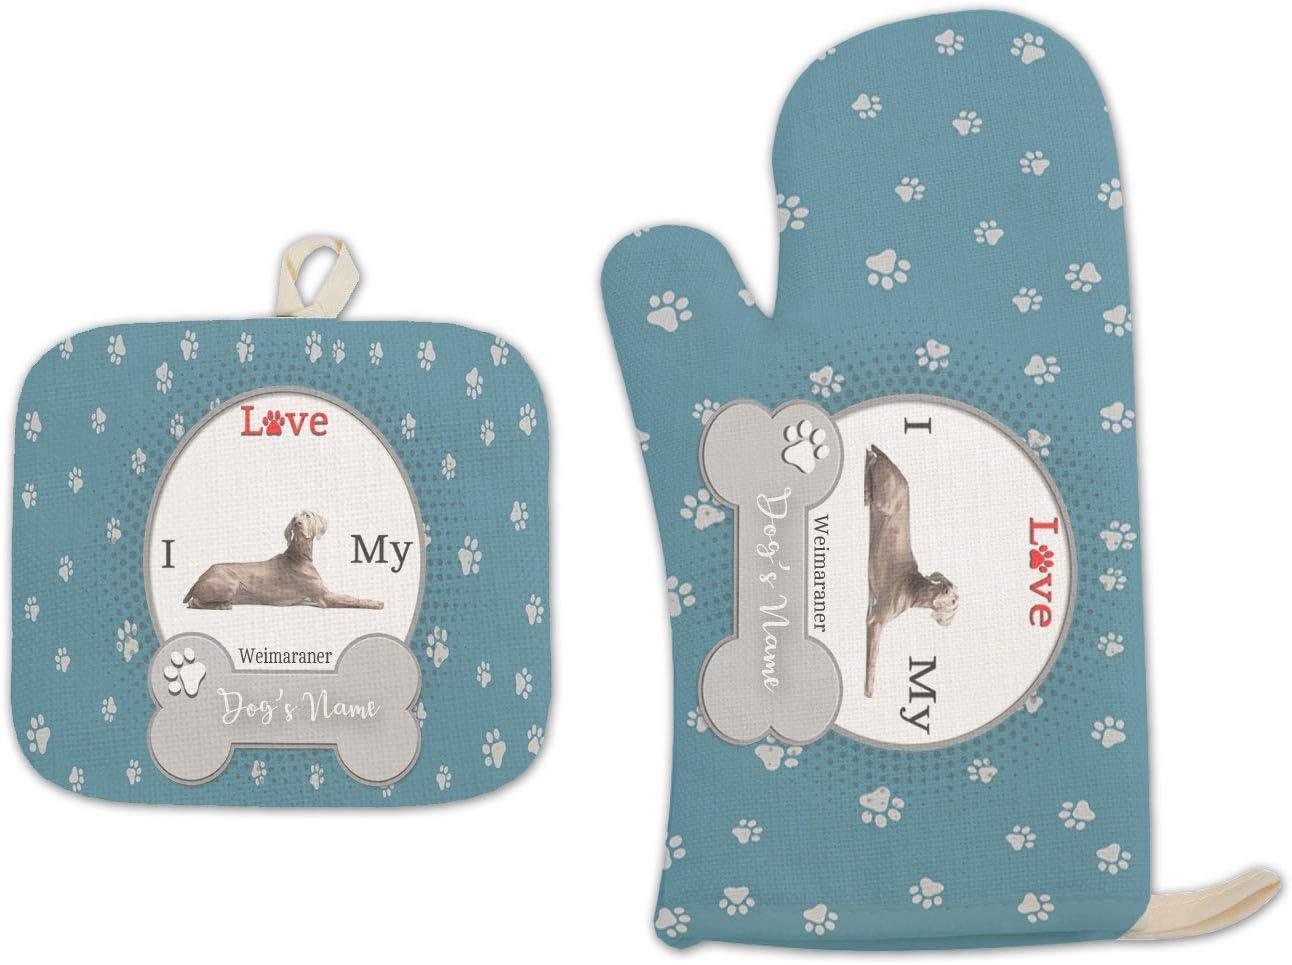 Bleu Reign BRGiftShop Personalized Custom Name I Love My Dog Weimaraner Linen Oven Mitt and Potholder Set